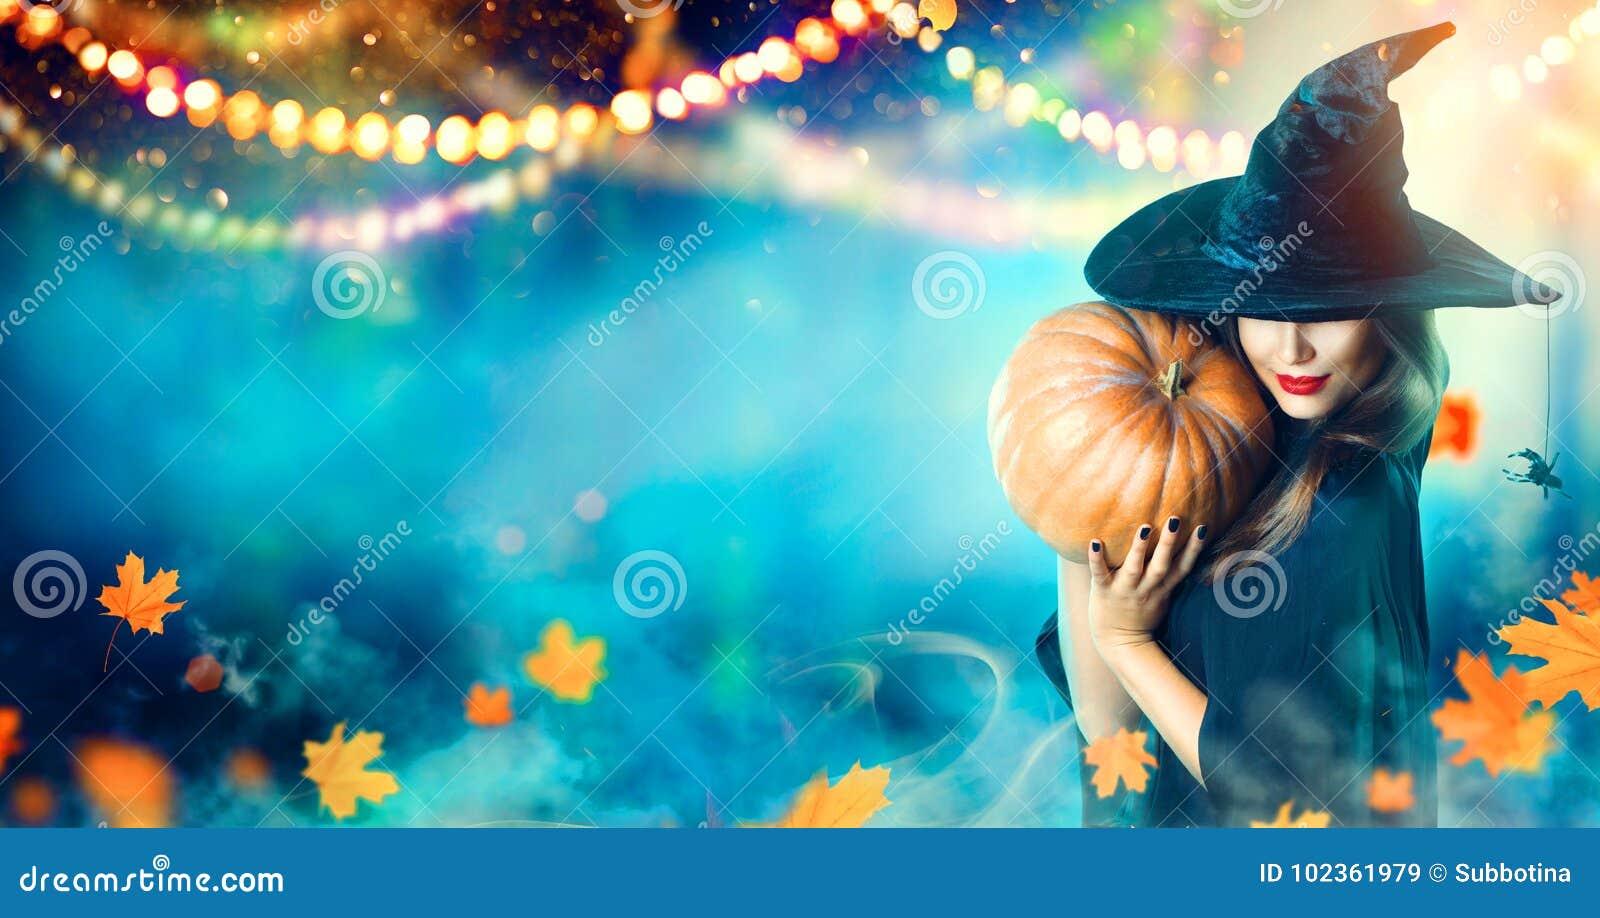 Bruja de Halloween con una calabaza tallada y las luces de la magia